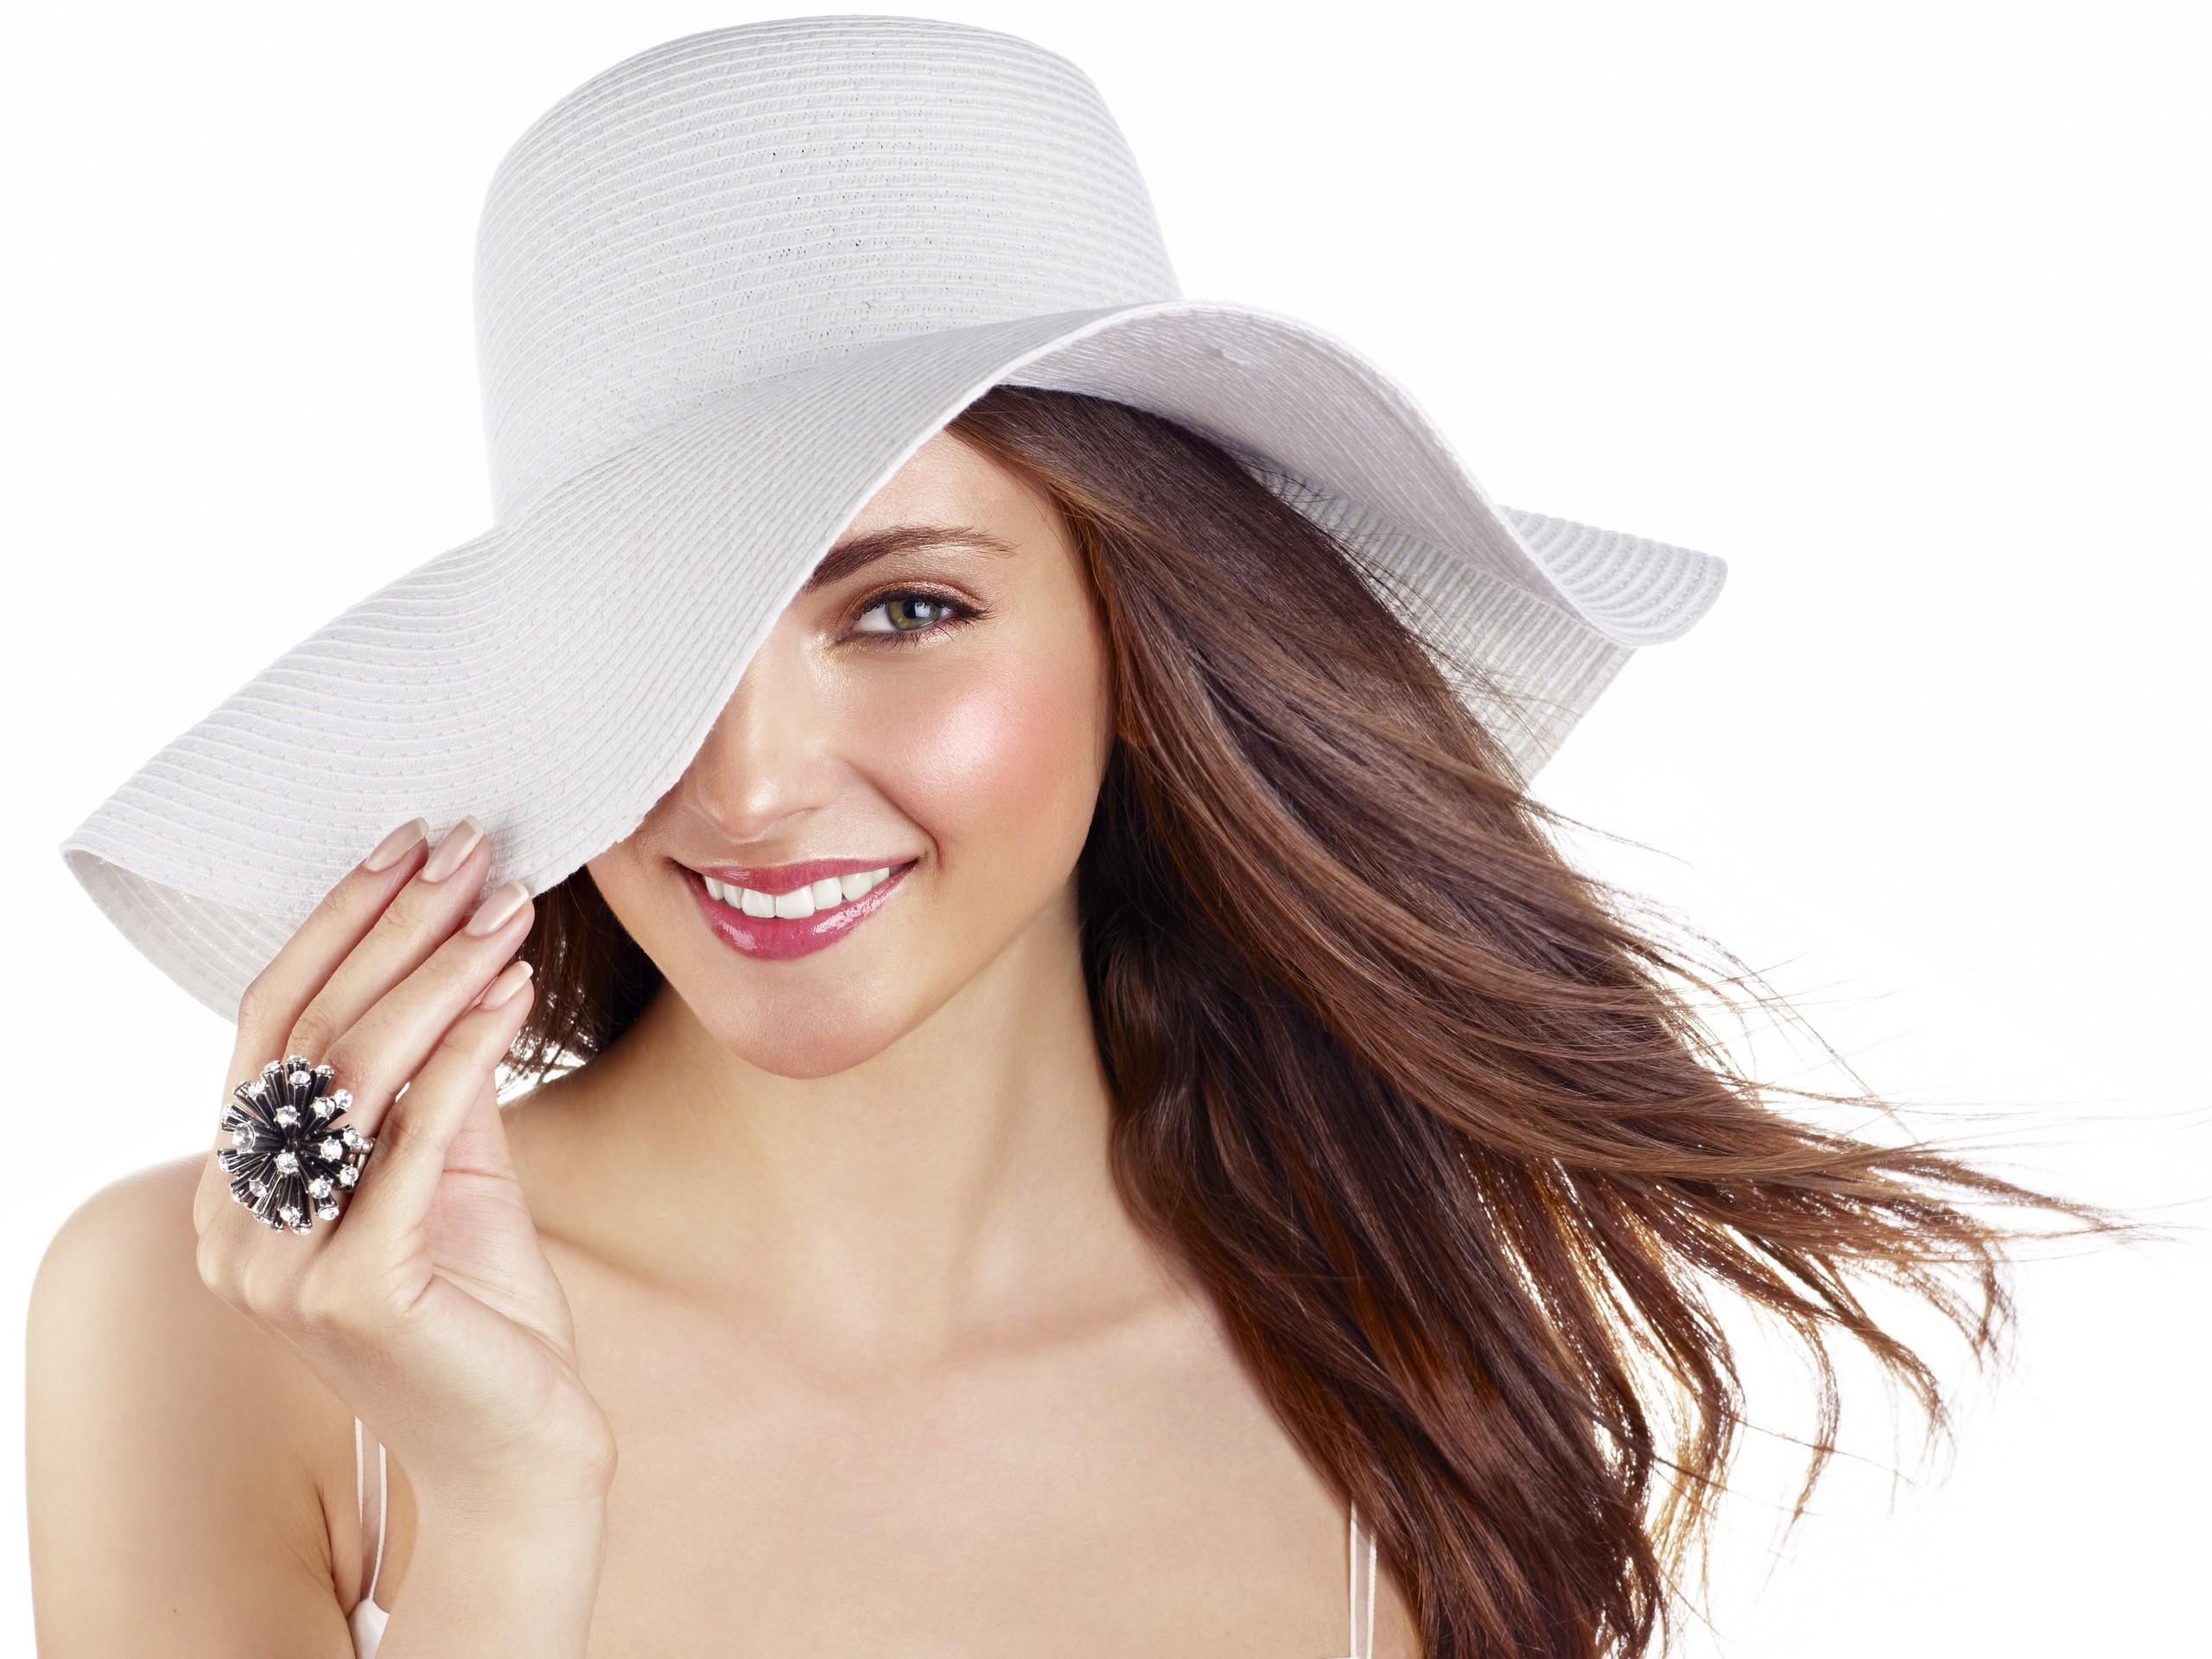 hats white wallpaper - photo #32